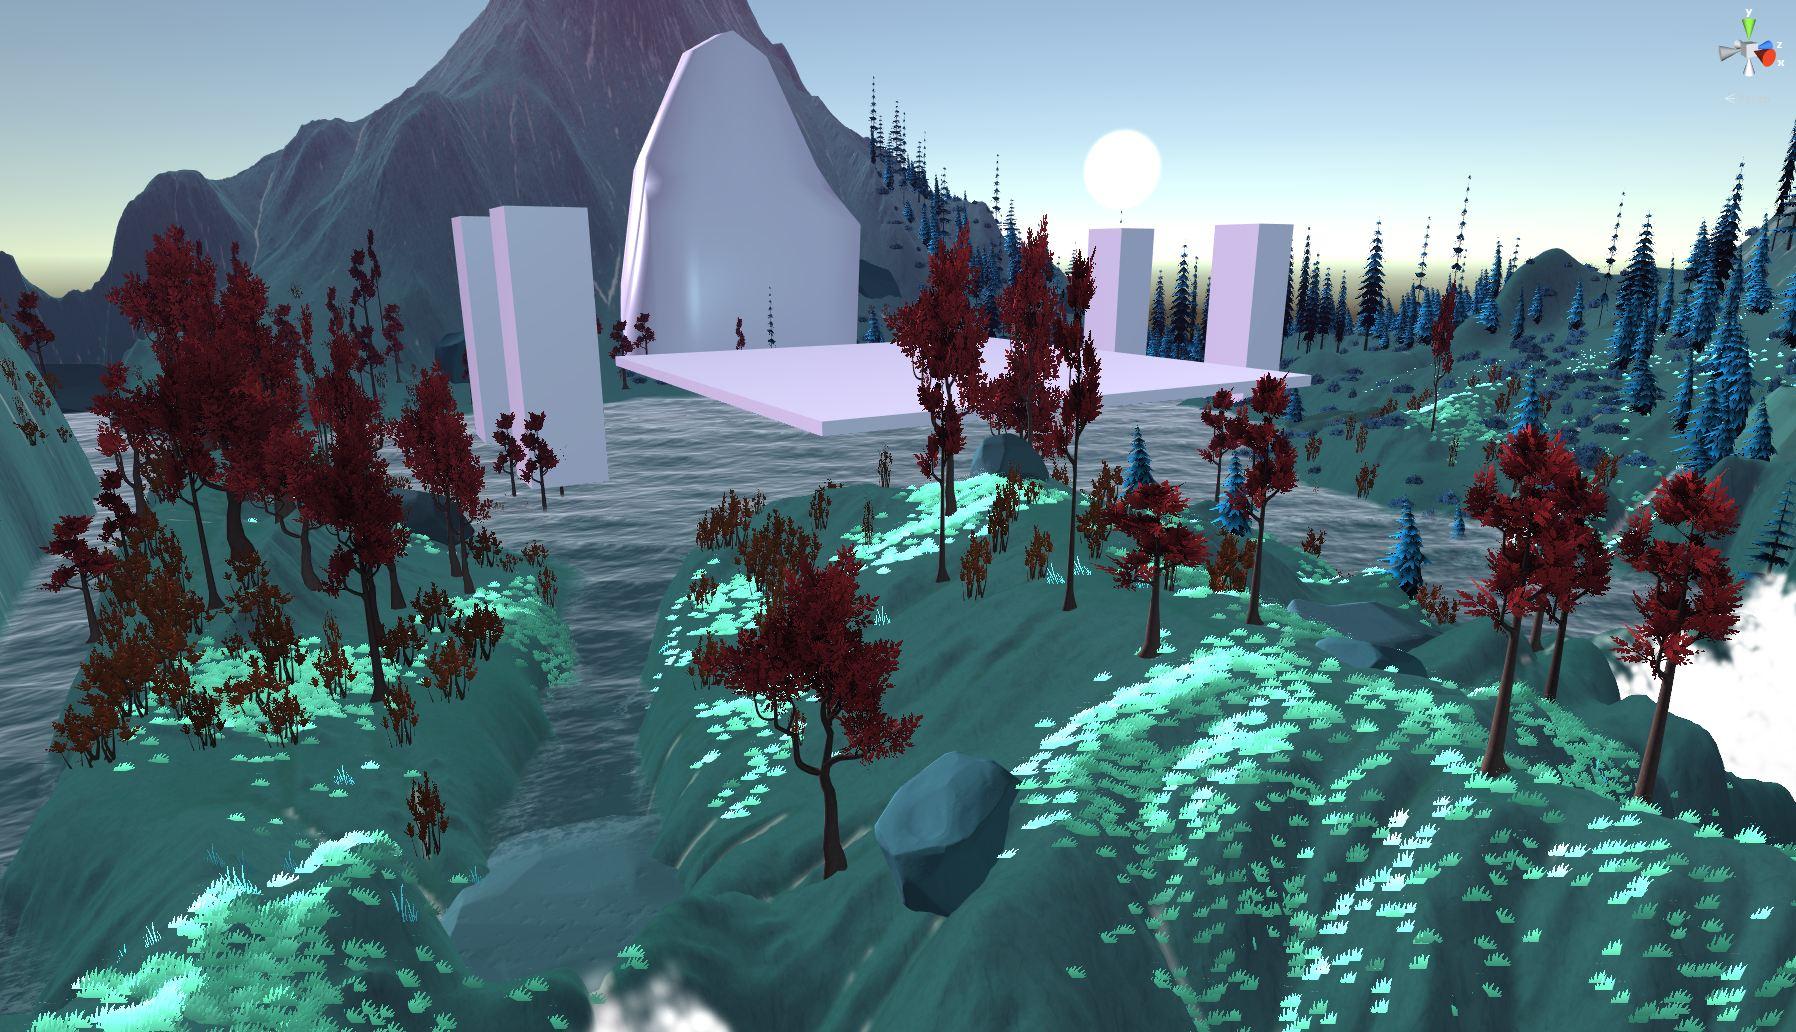 Progress report from 3d environment artist